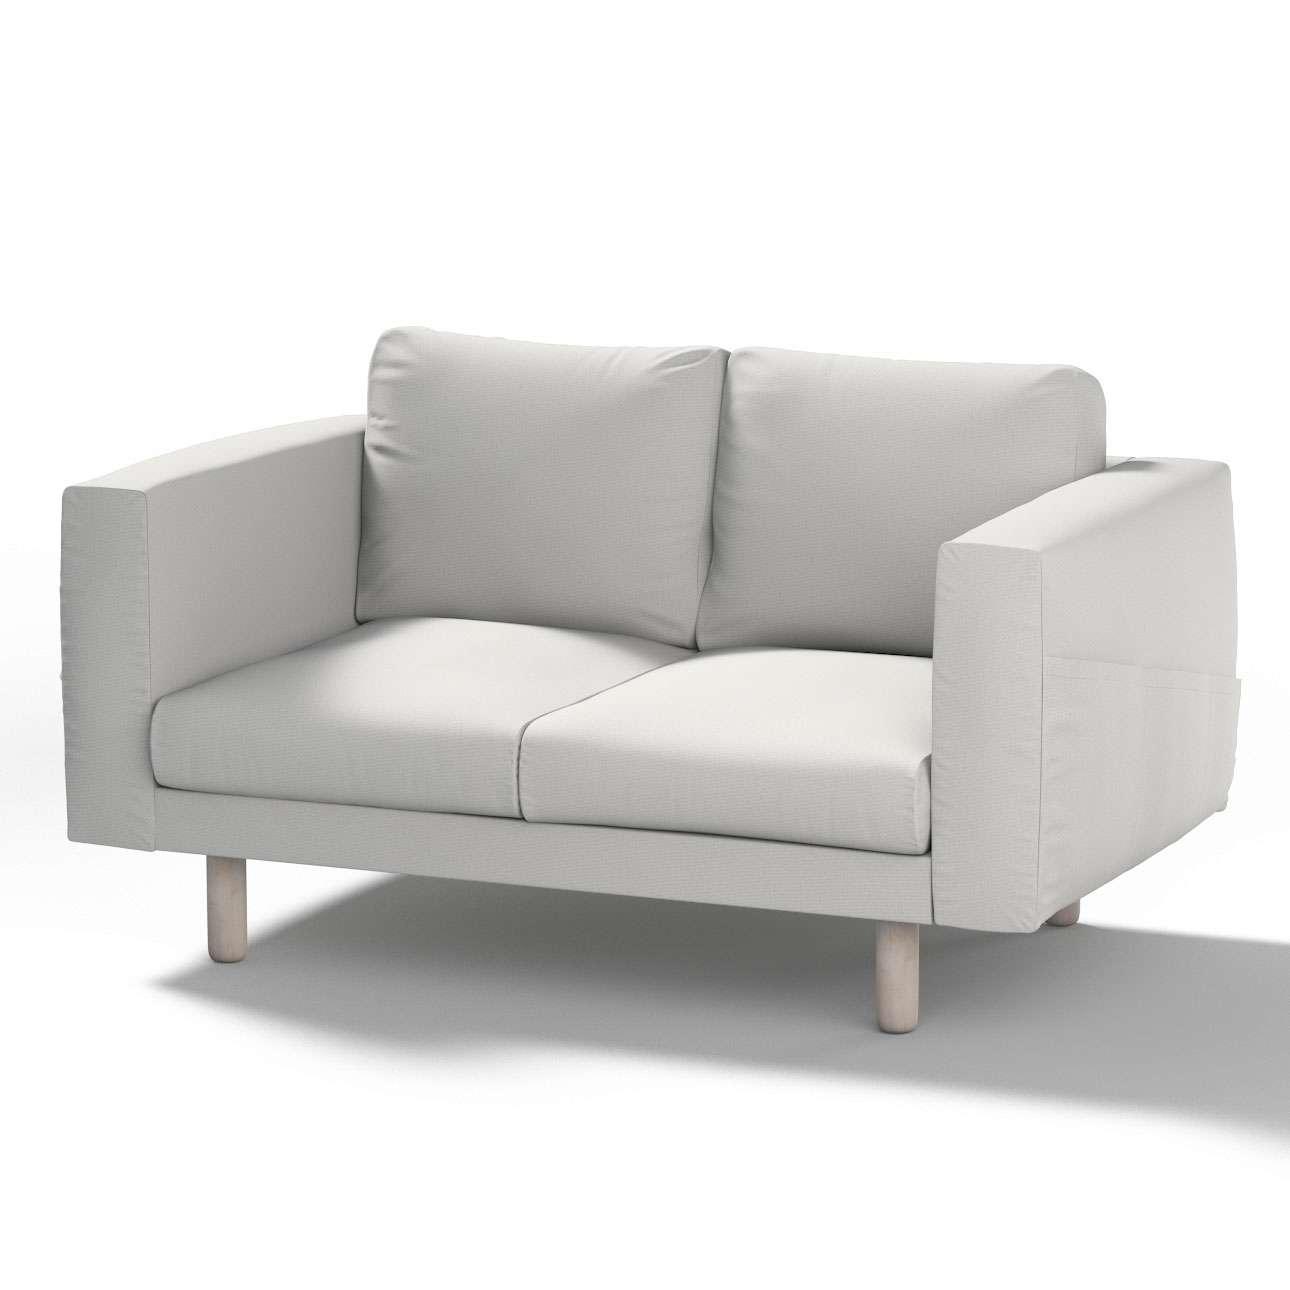 Pokrowiec na sofę Norsborg 2-osobową w kolekcji Etna, tkanina: 705-90